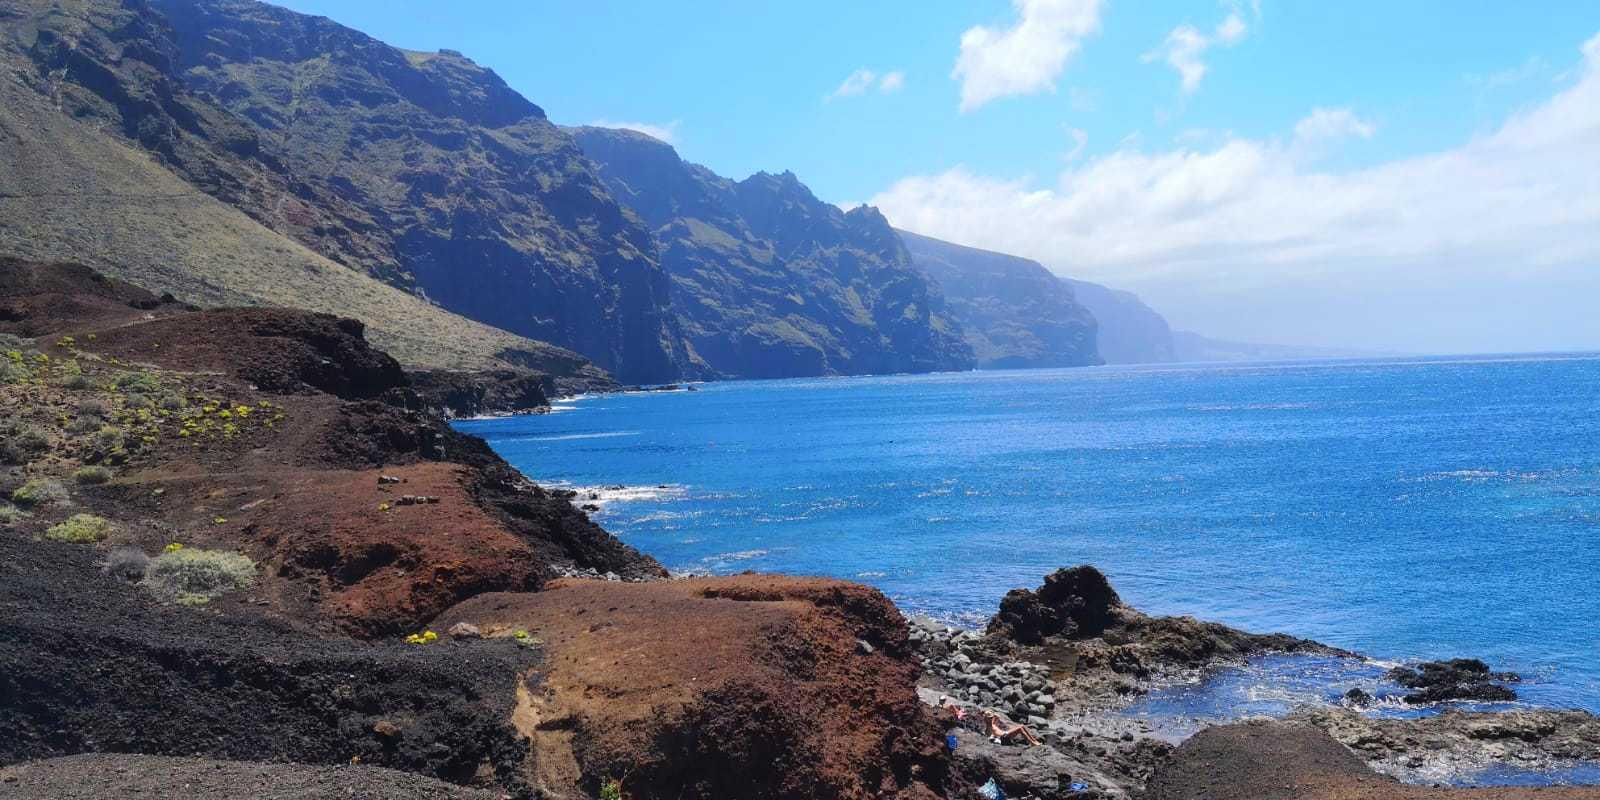 Vistas a los acantilados de Los Gigantes desde Punta de Teno